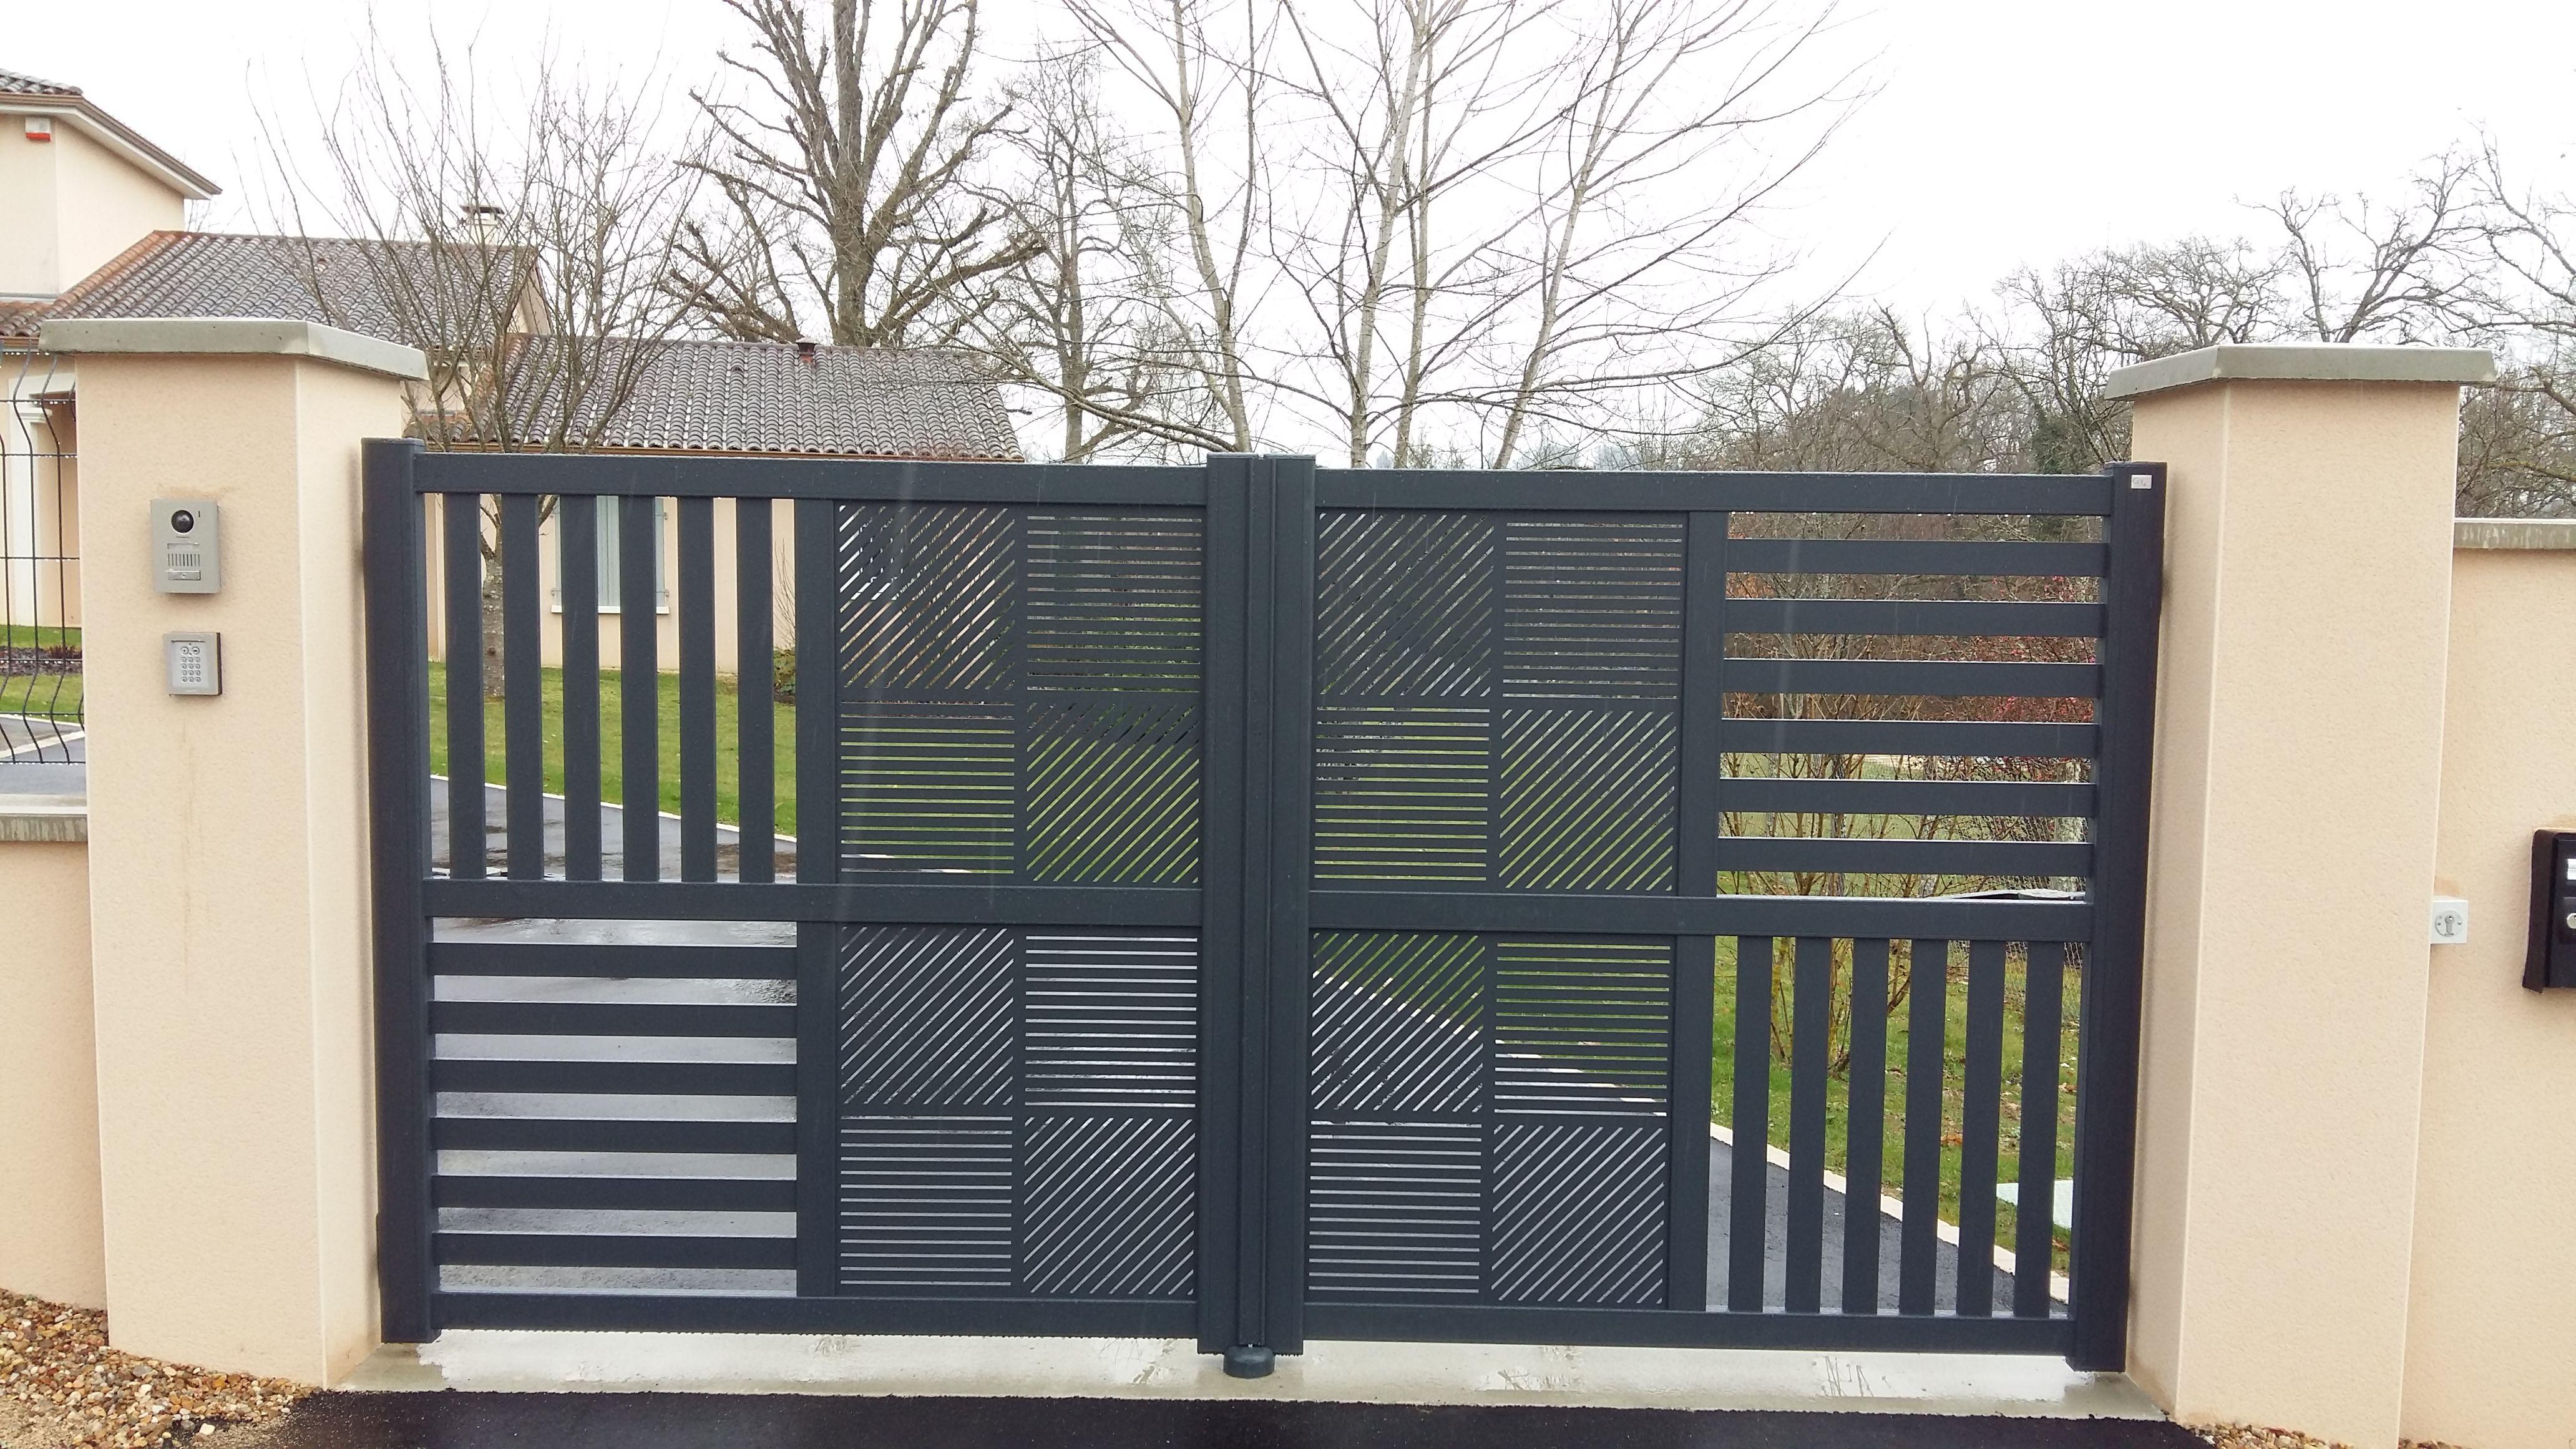 rebeyrol rebeyrol cr ateur de jardins muret portail paysagiste limoges am nagement de. Black Bedroom Furniture Sets. Home Design Ideas